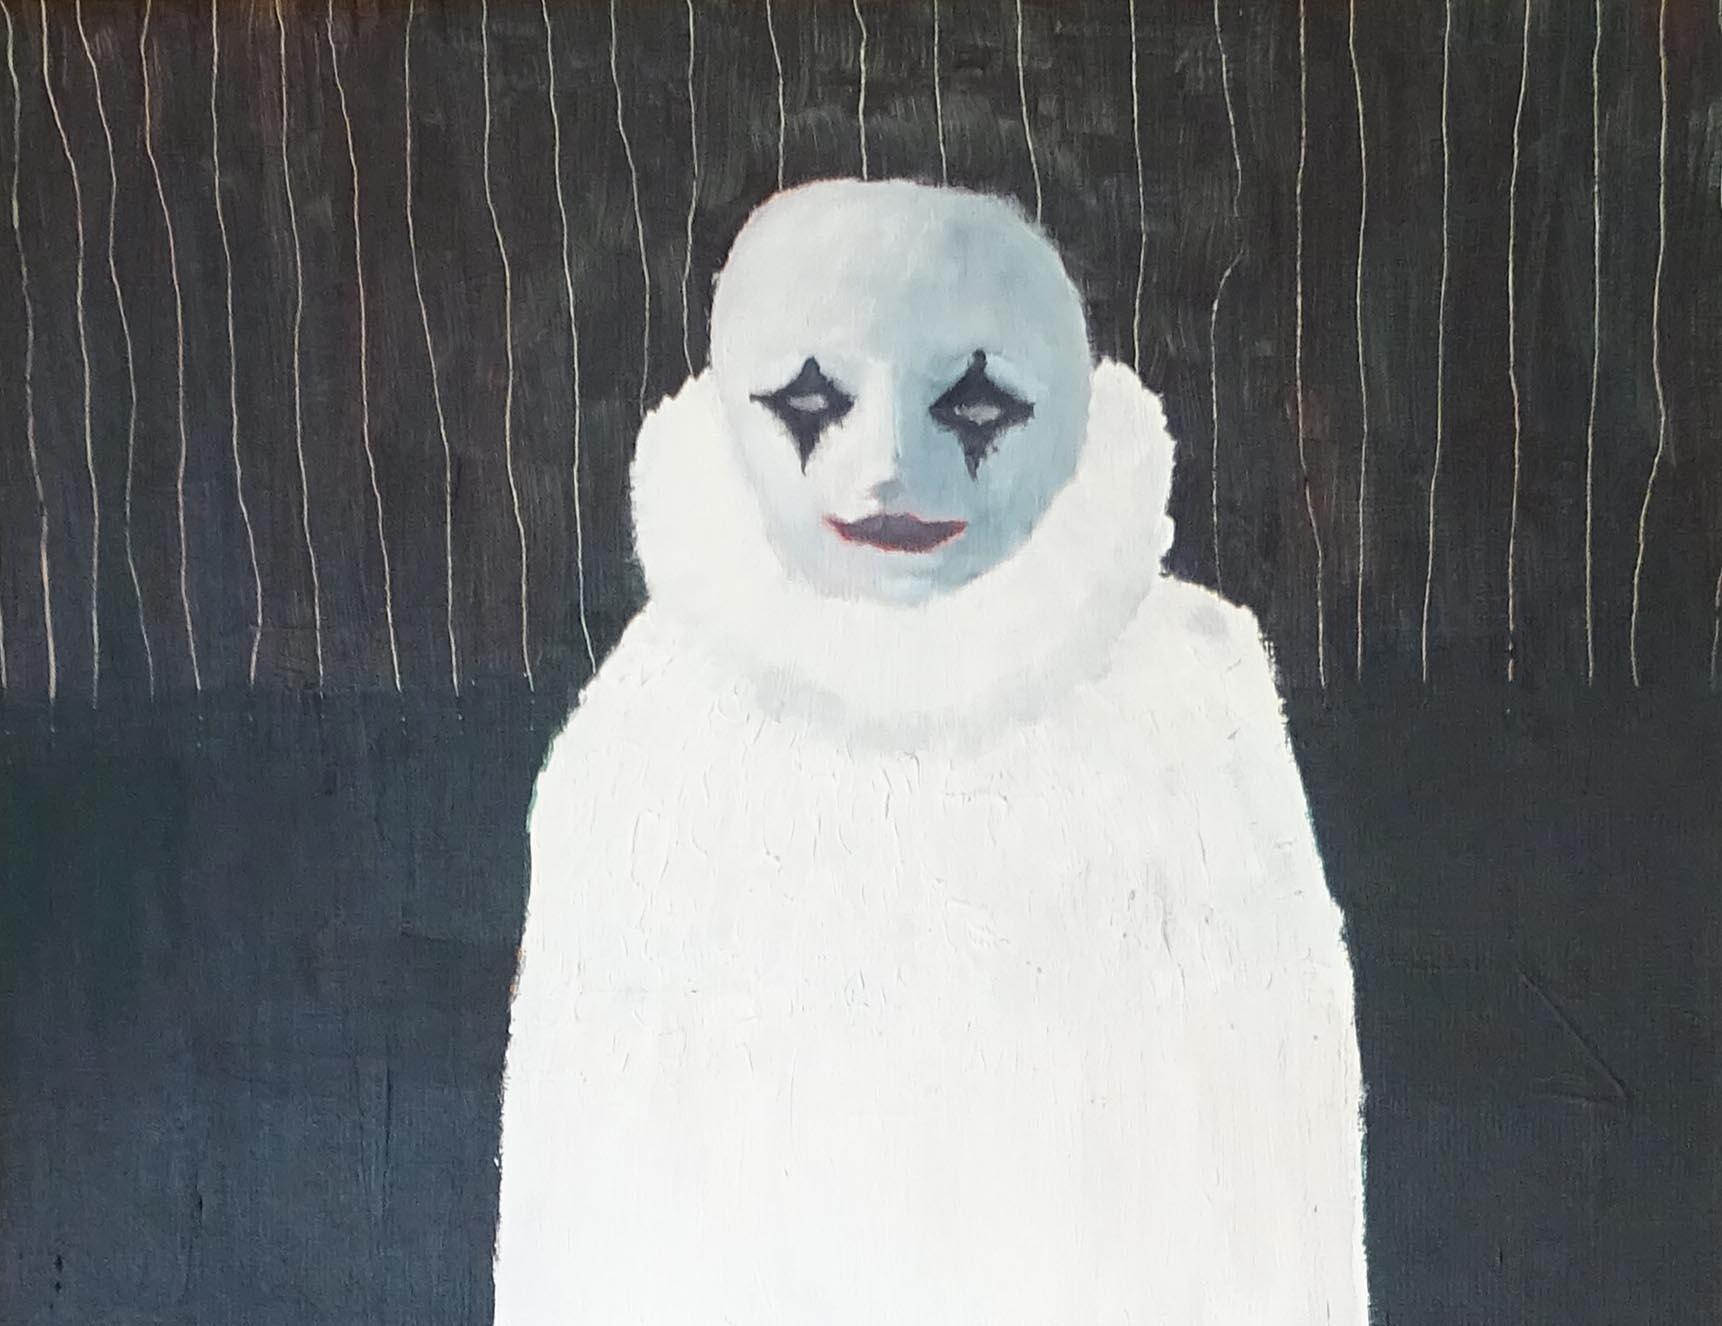 """""""Clown blanc"""" (inspiré de """"soir bleu"""" d'Edward Hopper)"""" - 1997 - p.g. [patrick gourgouillat]"""